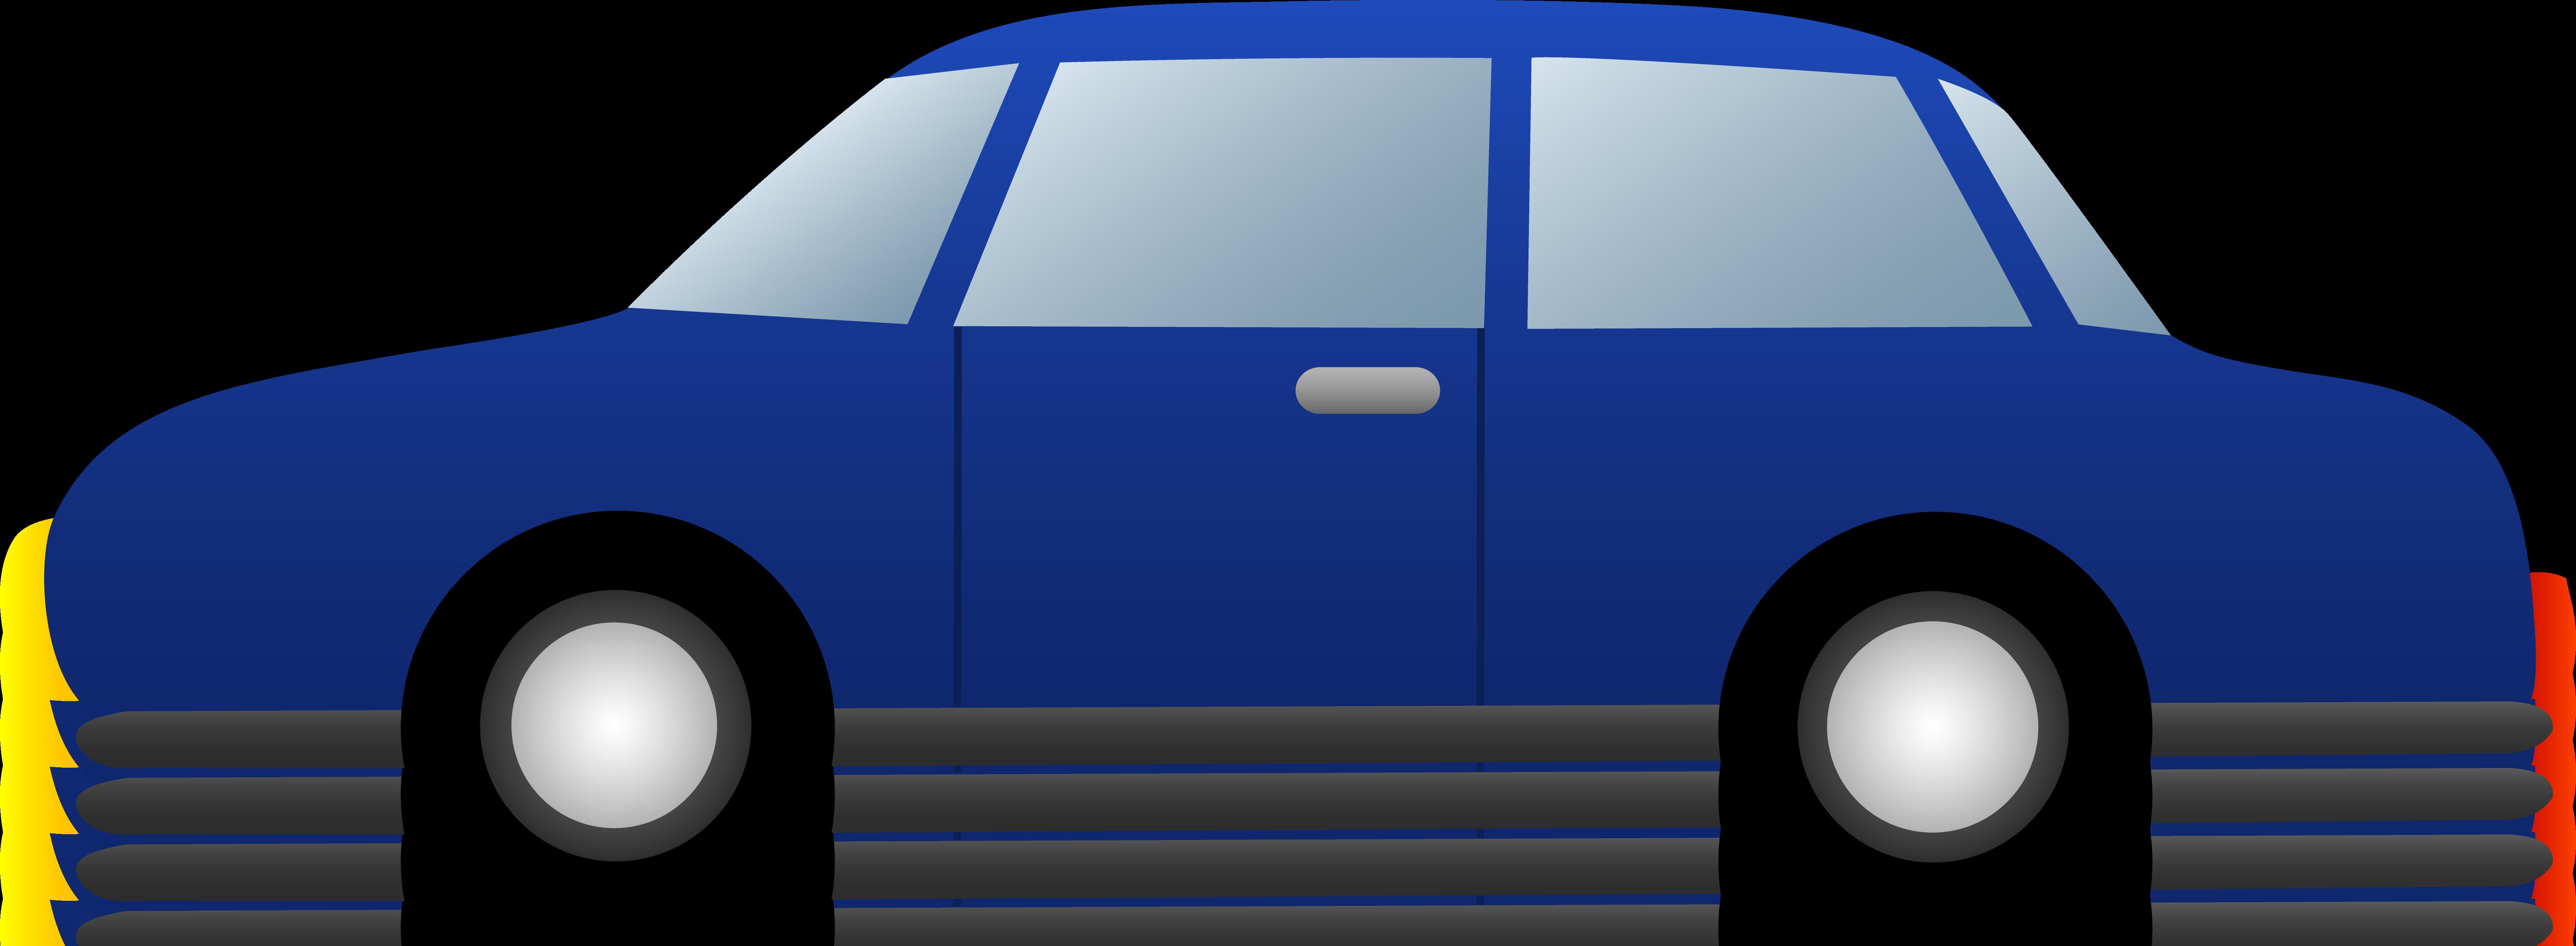 Car Clipart-car clipart-4